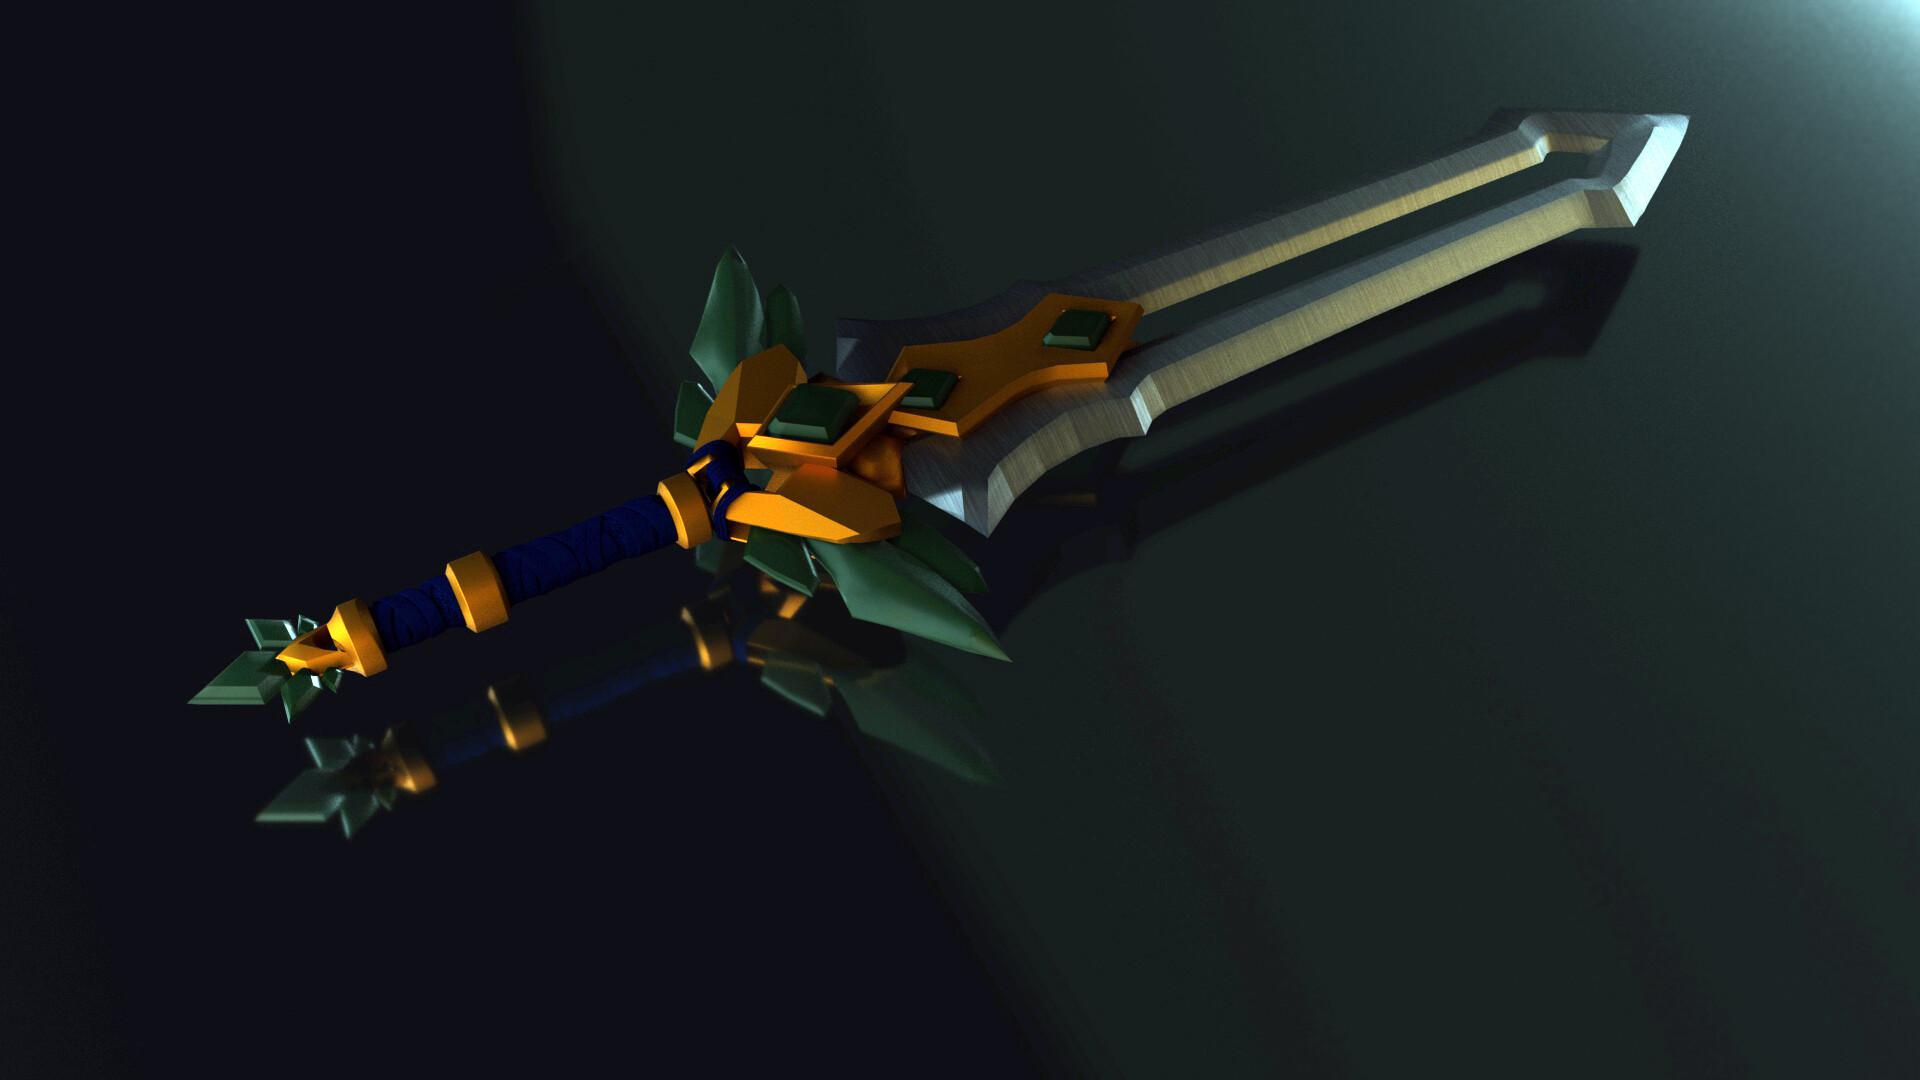 Warrior's Sword